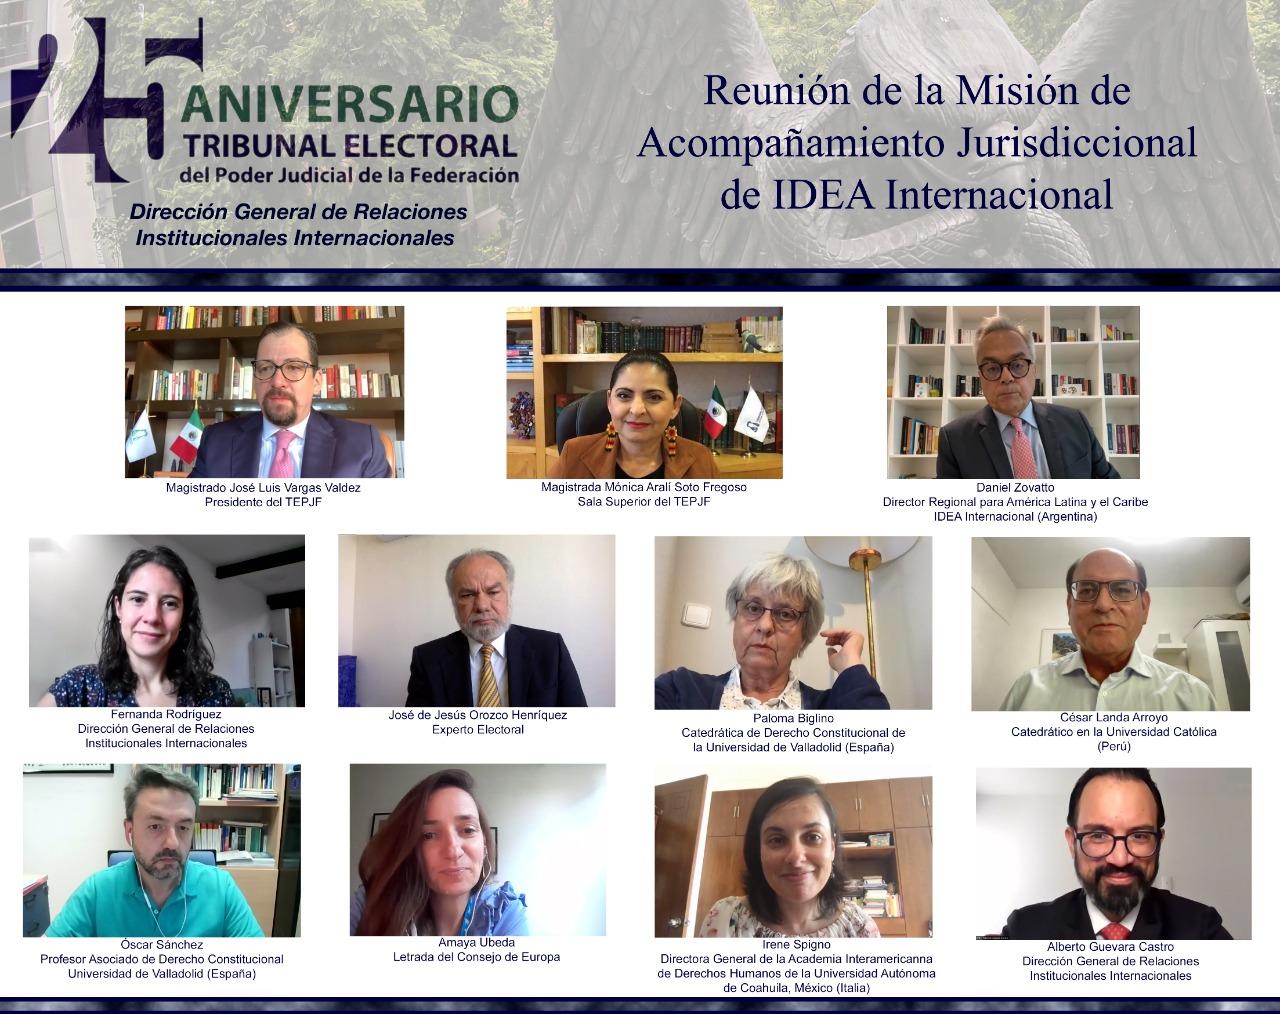 El TEPJF conversa con la Misión de Acompañamiento Jurisdiccional de IDEA Internacional